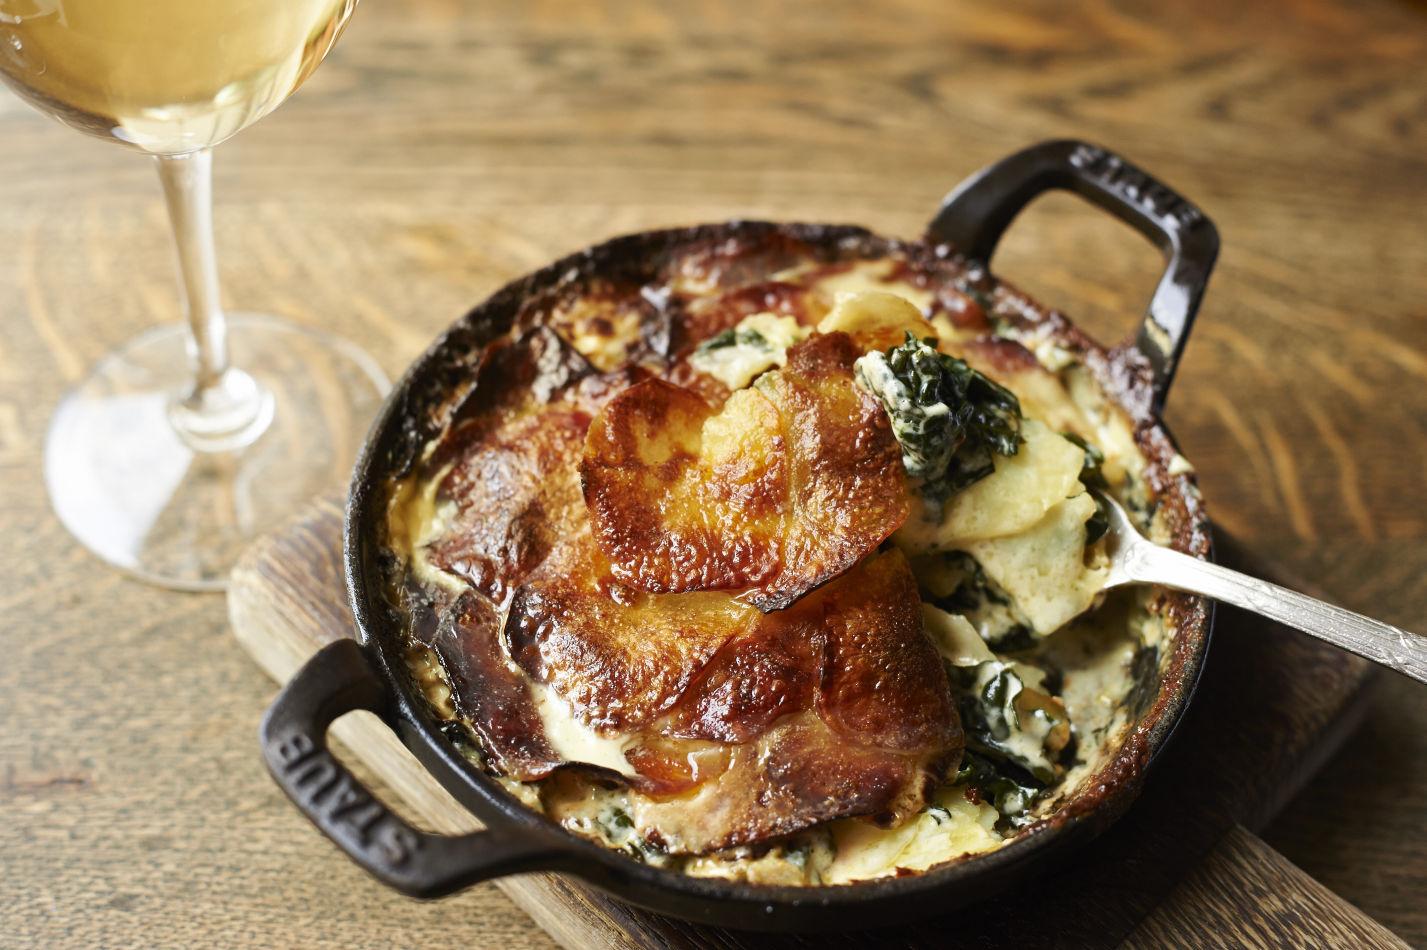 cucina-angelina-gratin-celeriac-swiss-chard-potato-fontina